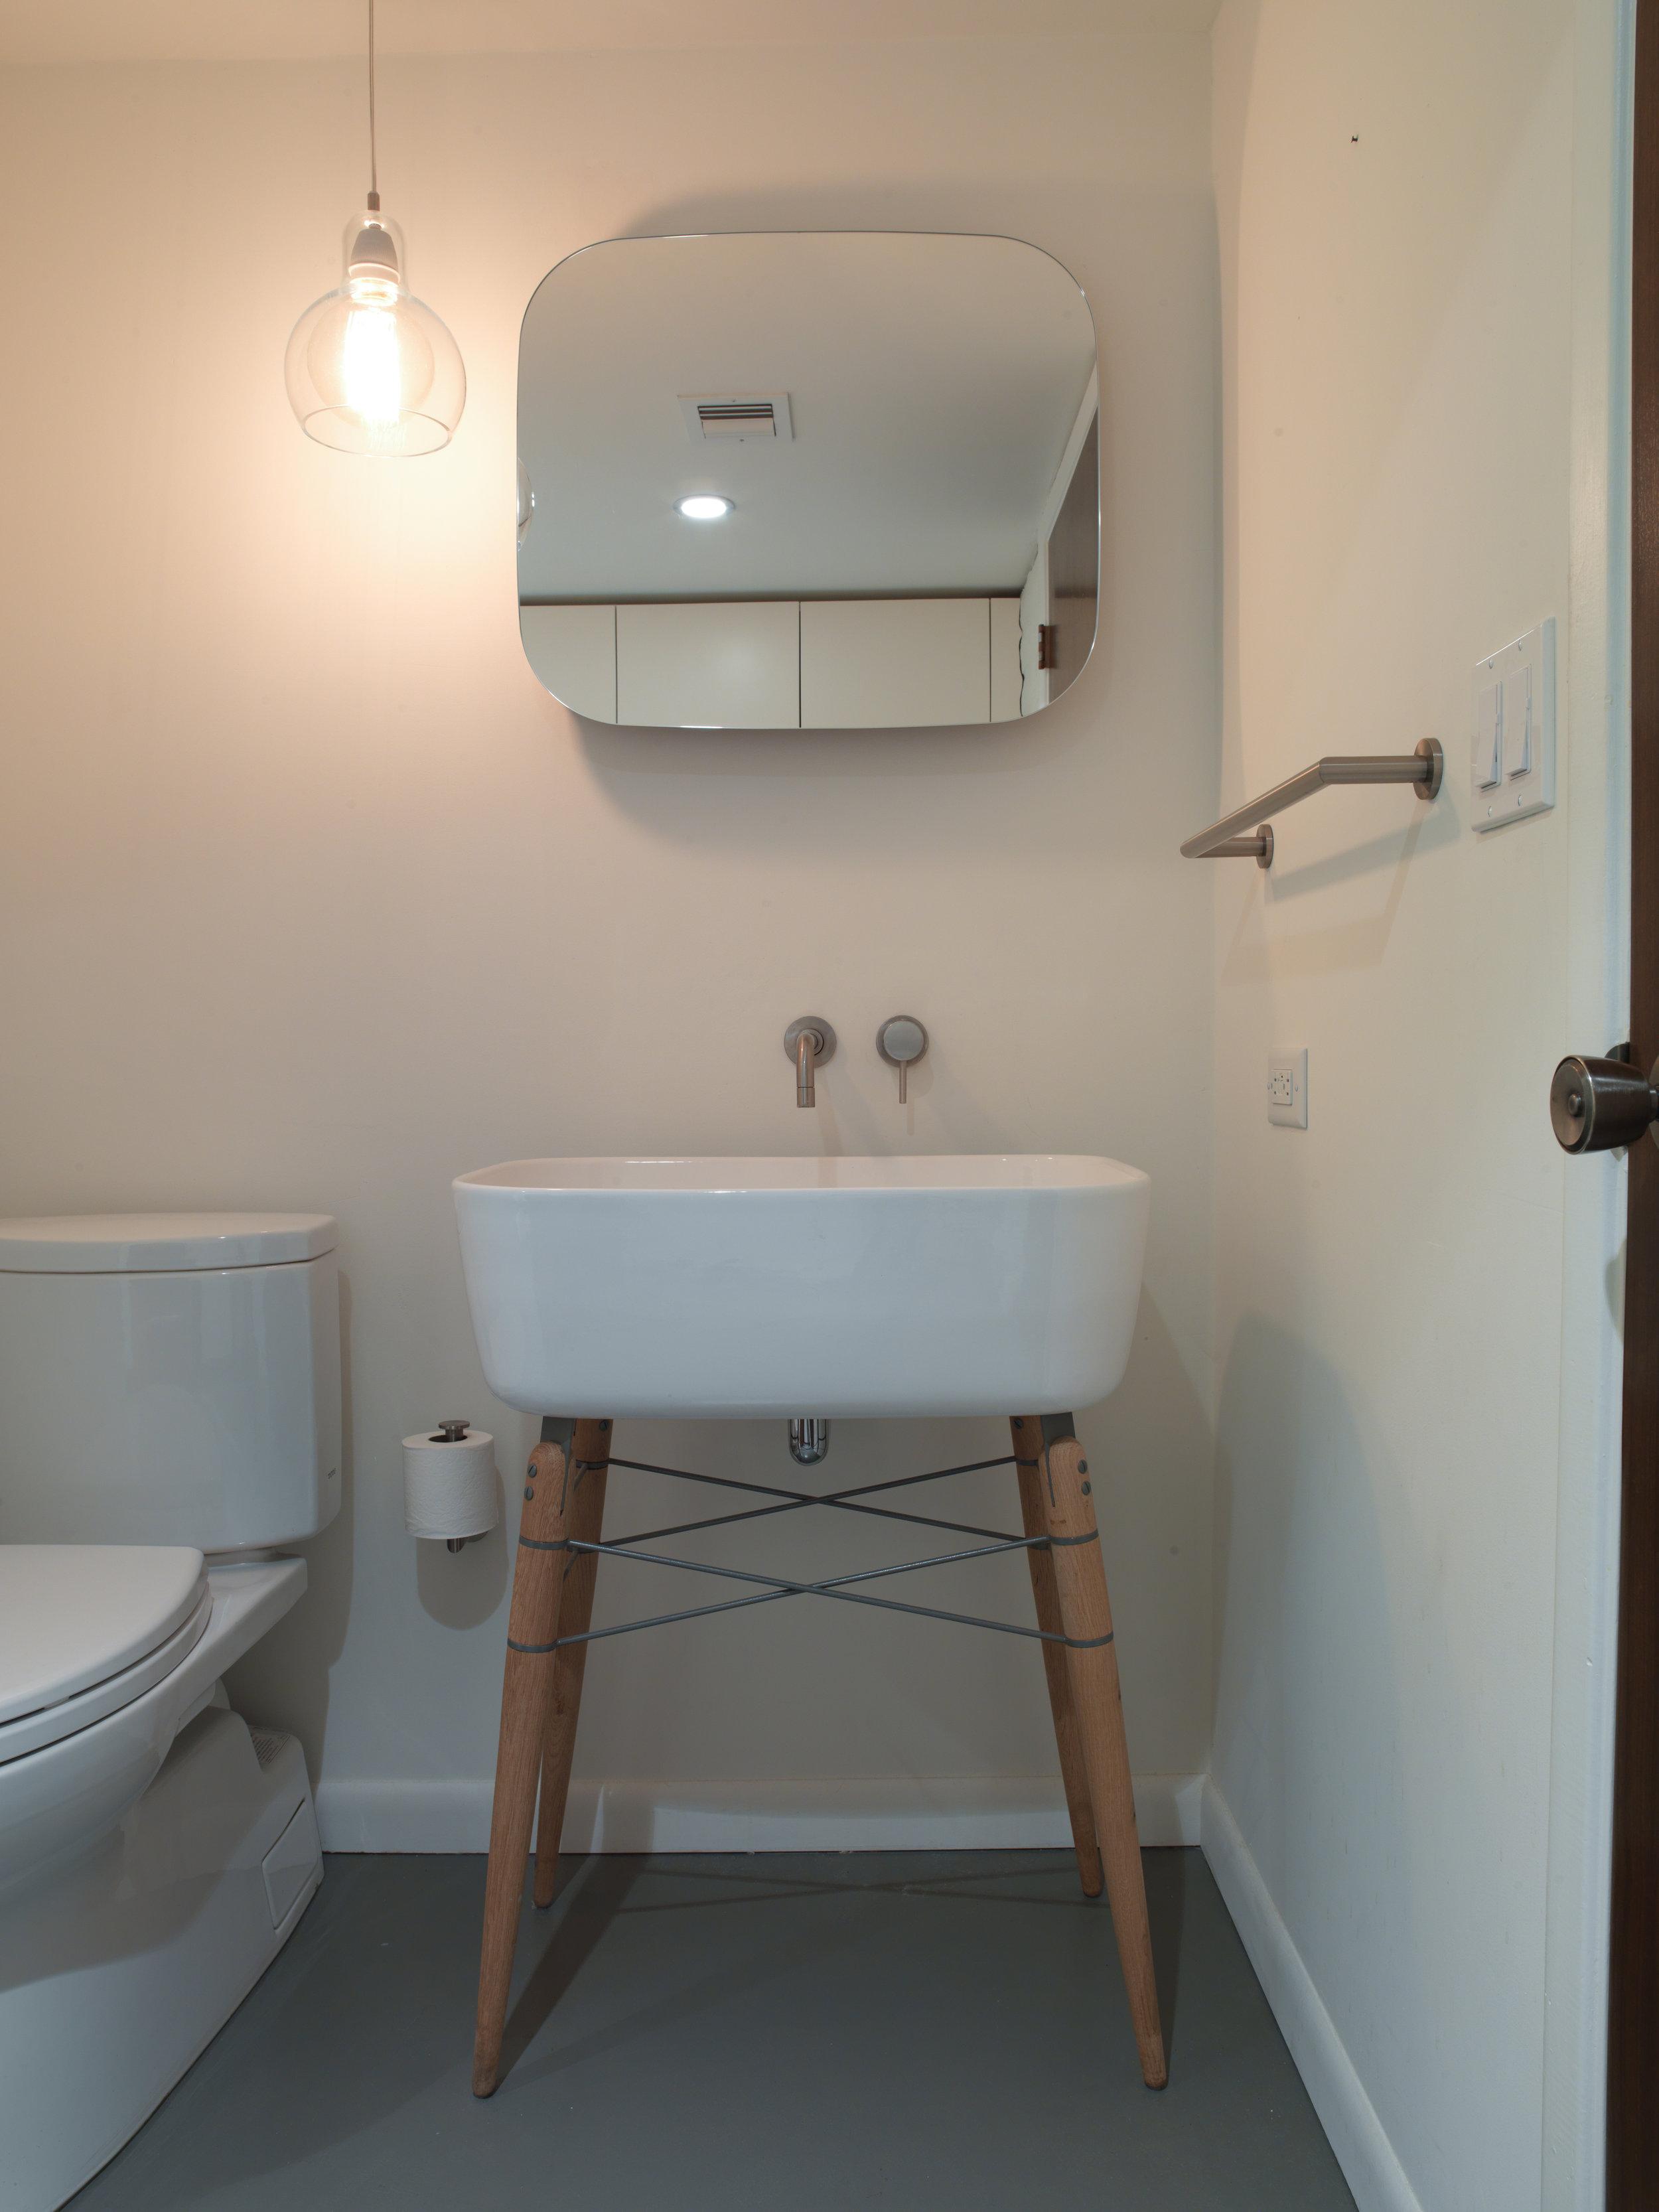 Robert_bathroom_remodel_9587.jpg